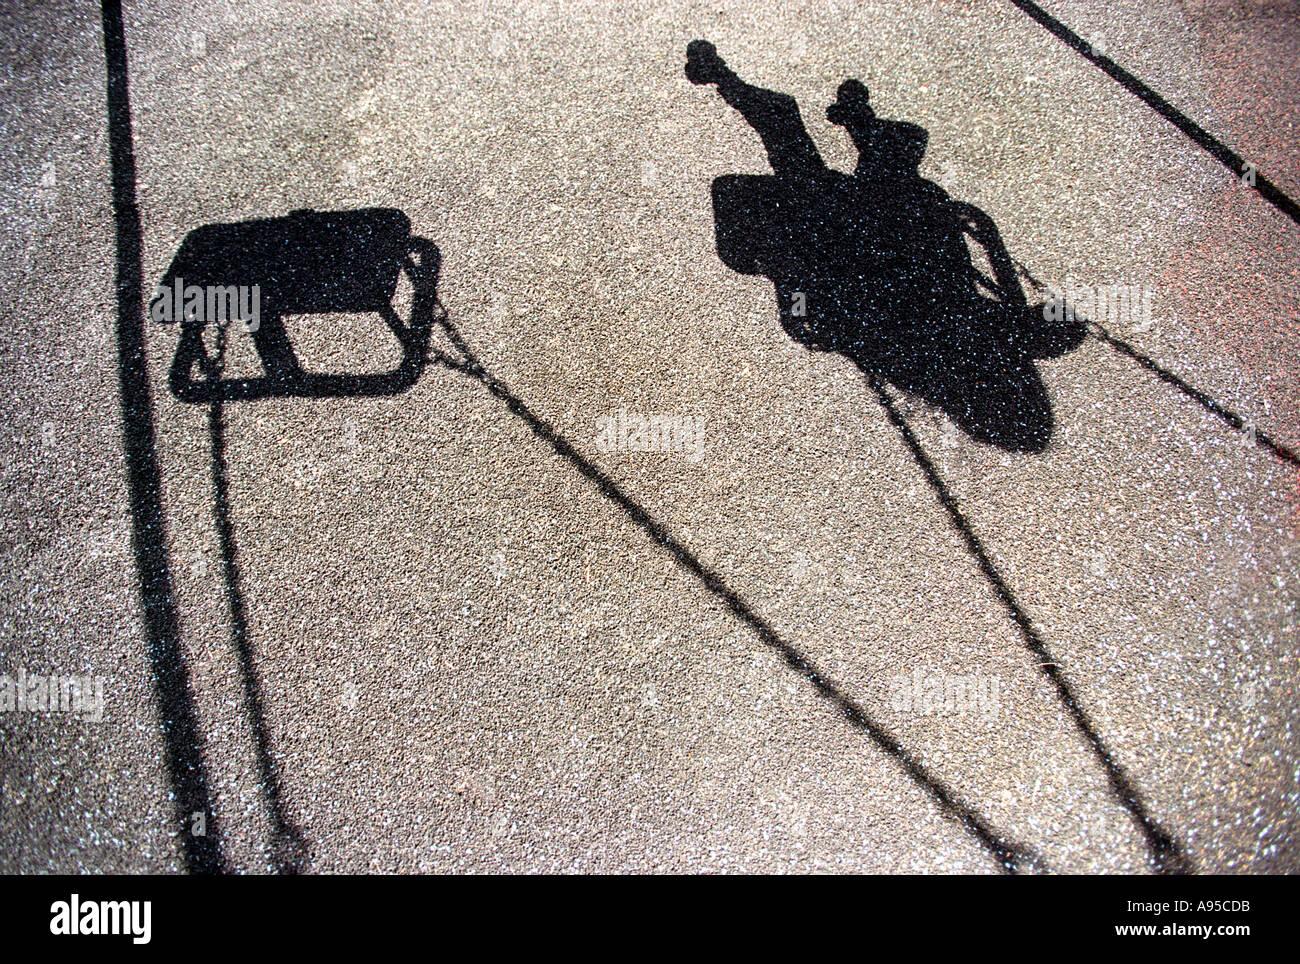 Der Schatten eines jungen Mädchen oder junge spielt auf einer Schaukel Stockfoto